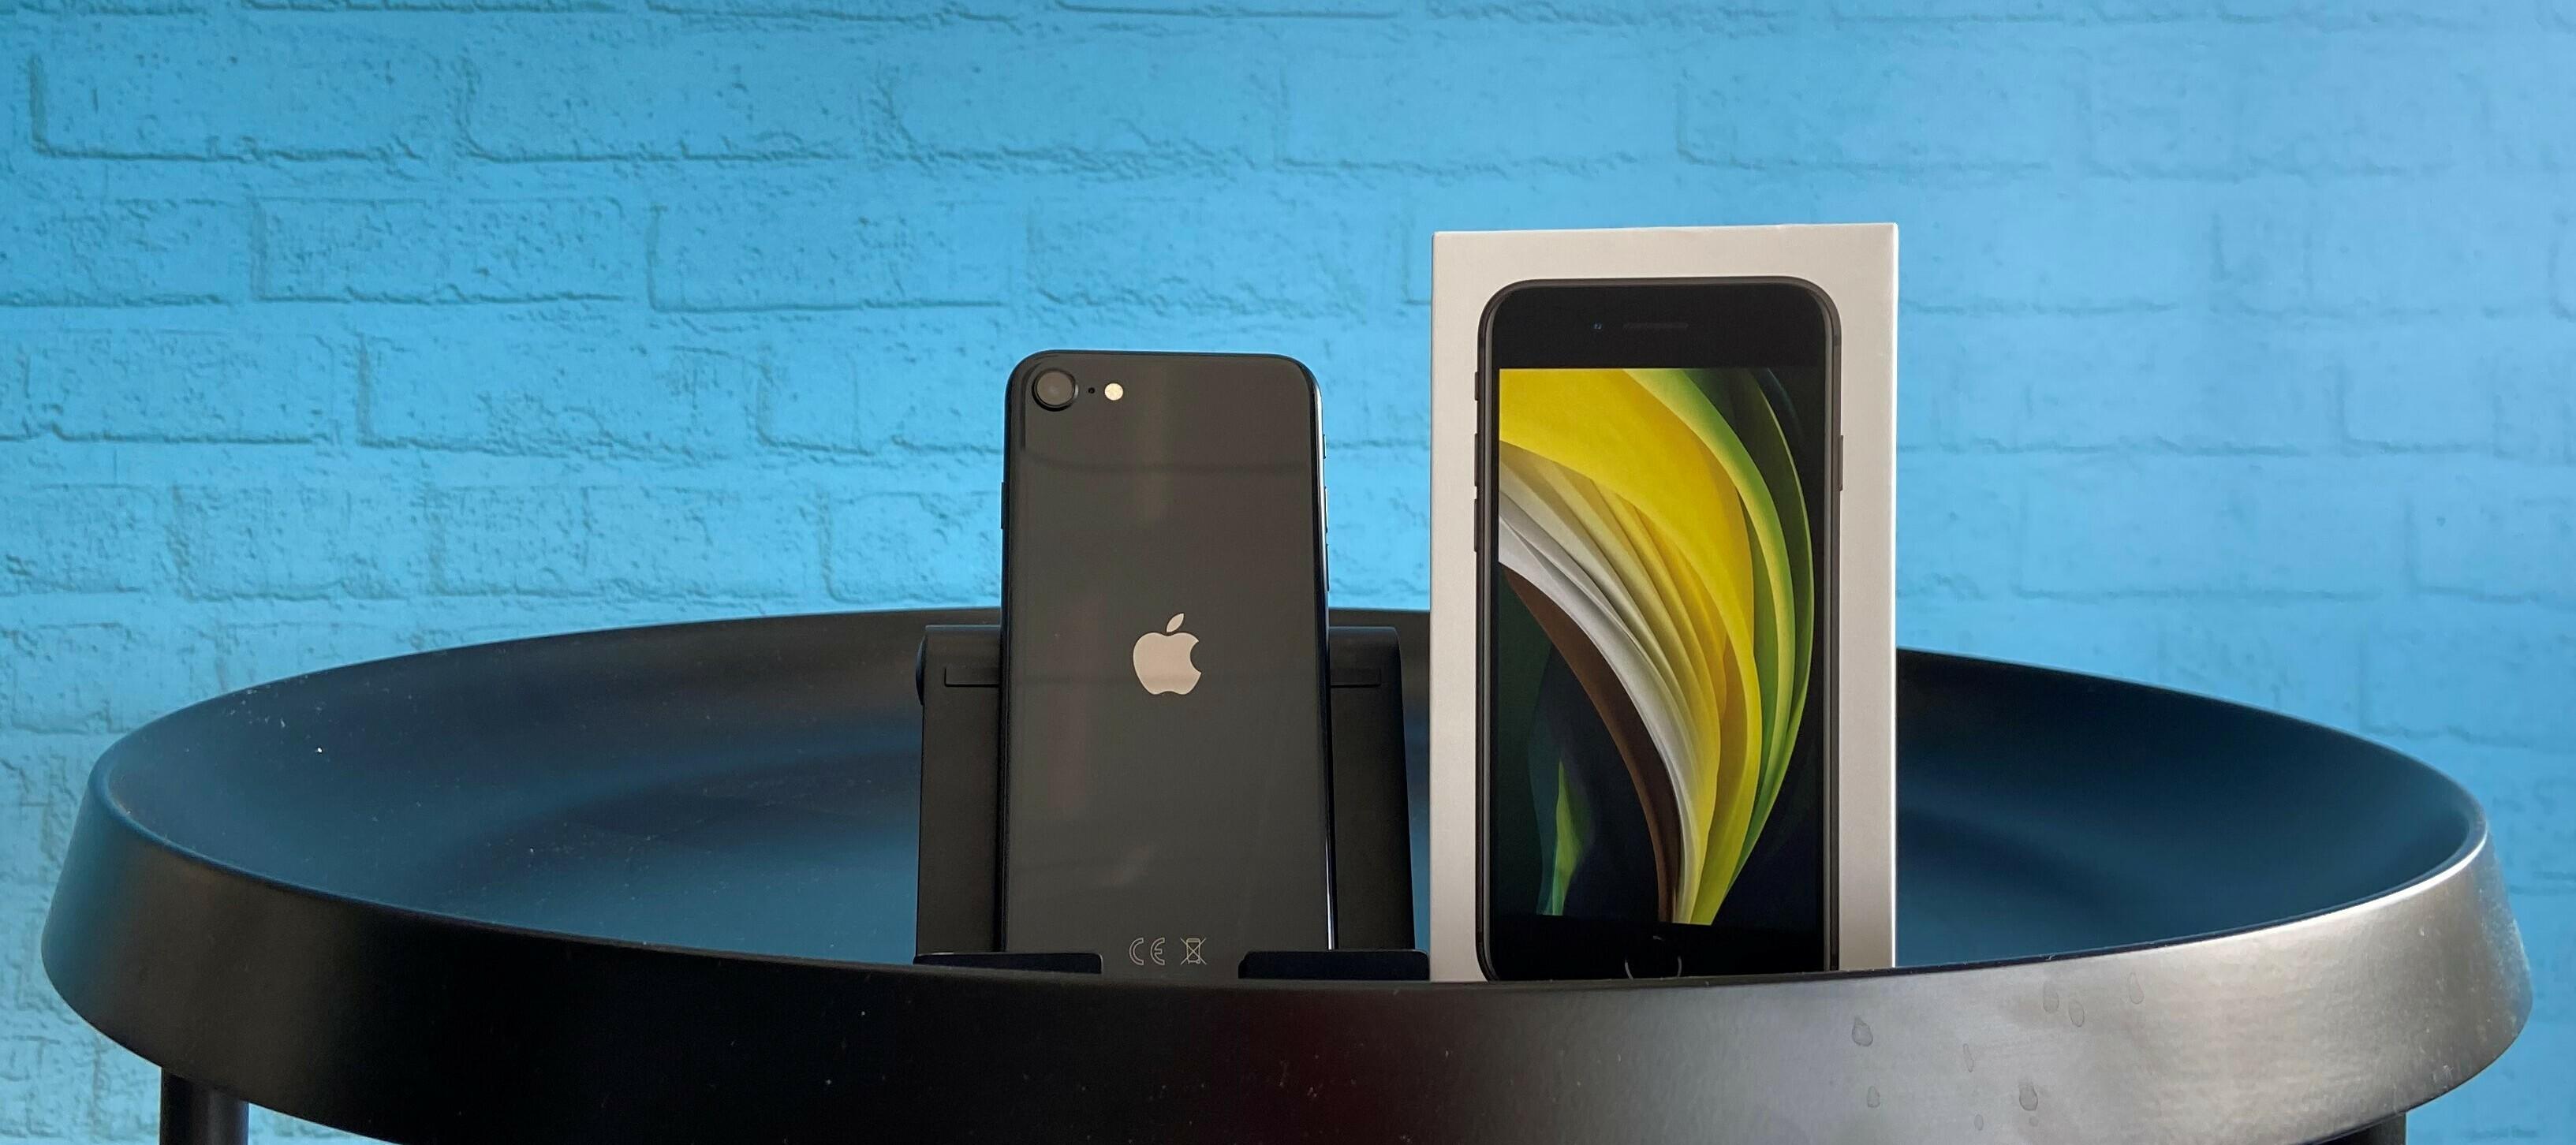 Apple iPhone SE (2020) - Produkttester/in gesucht - Jetzt bewerben!